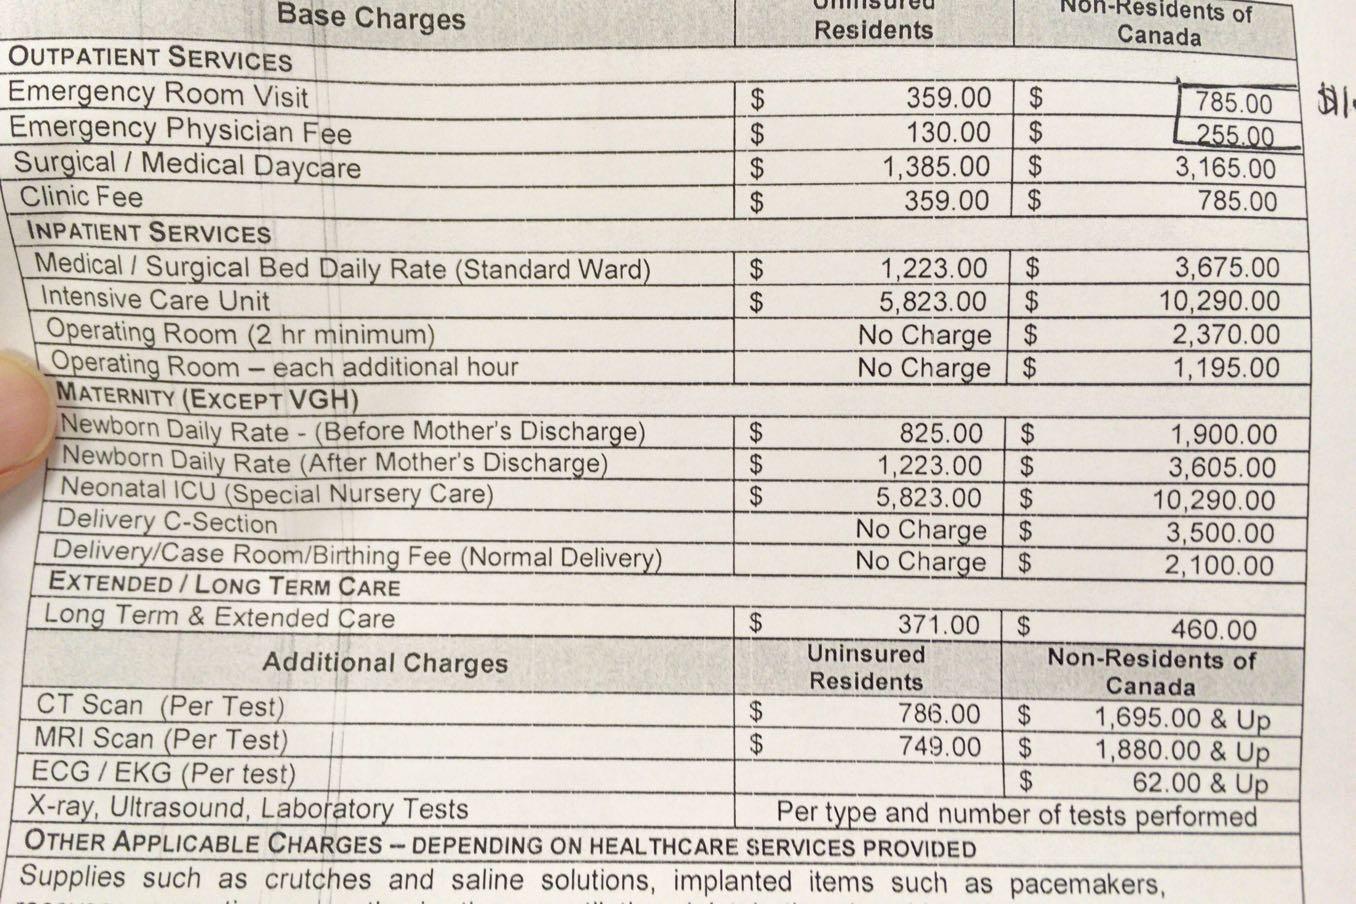 医療費の一覧